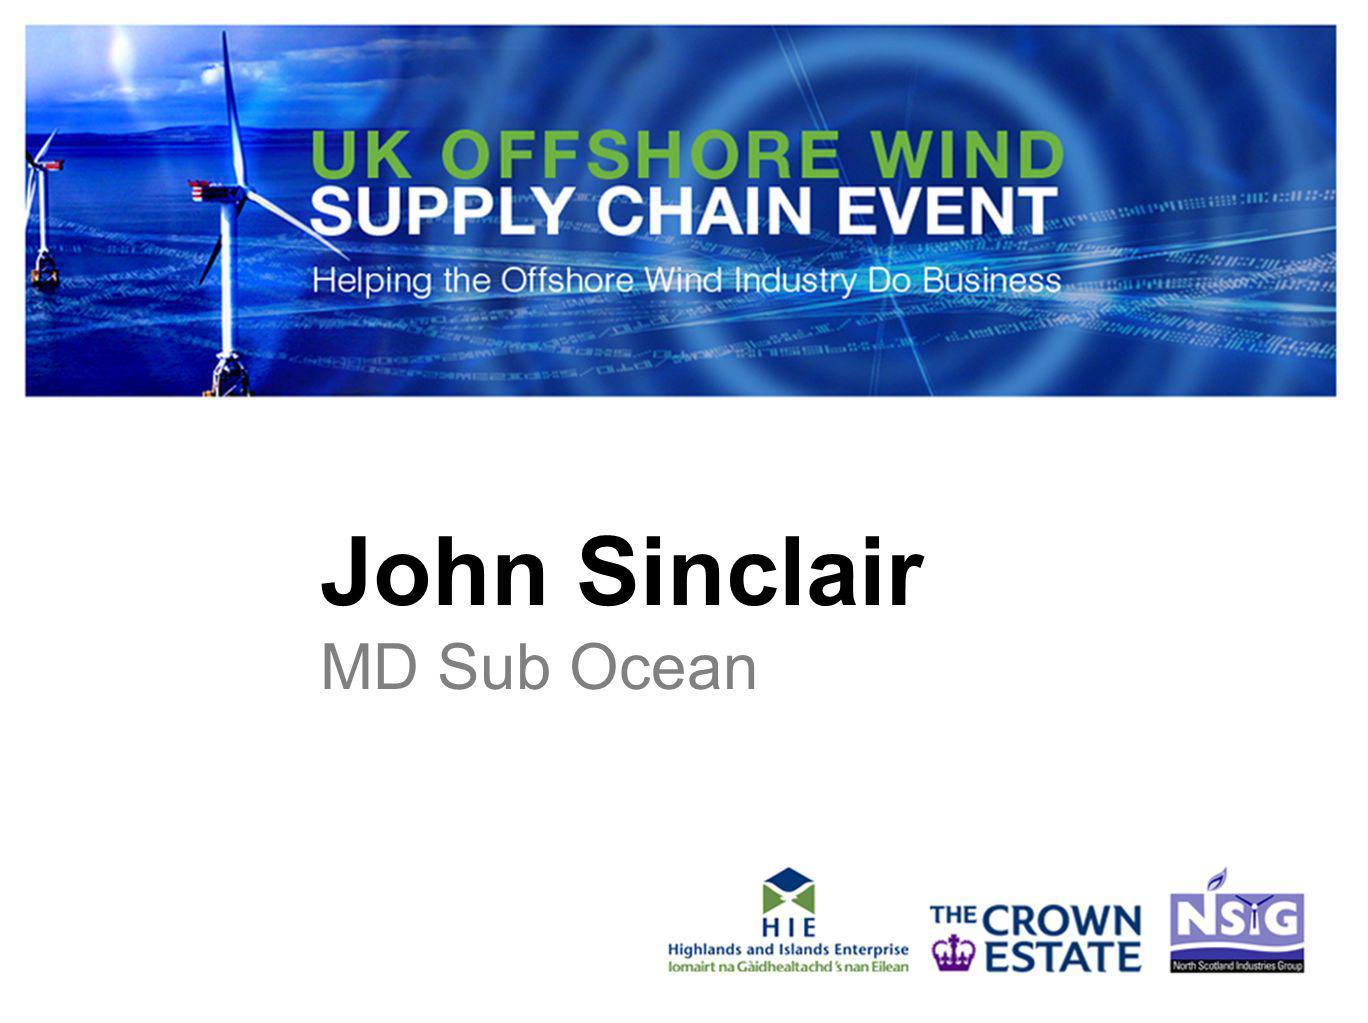 John Sinclair MD Sub Ocean